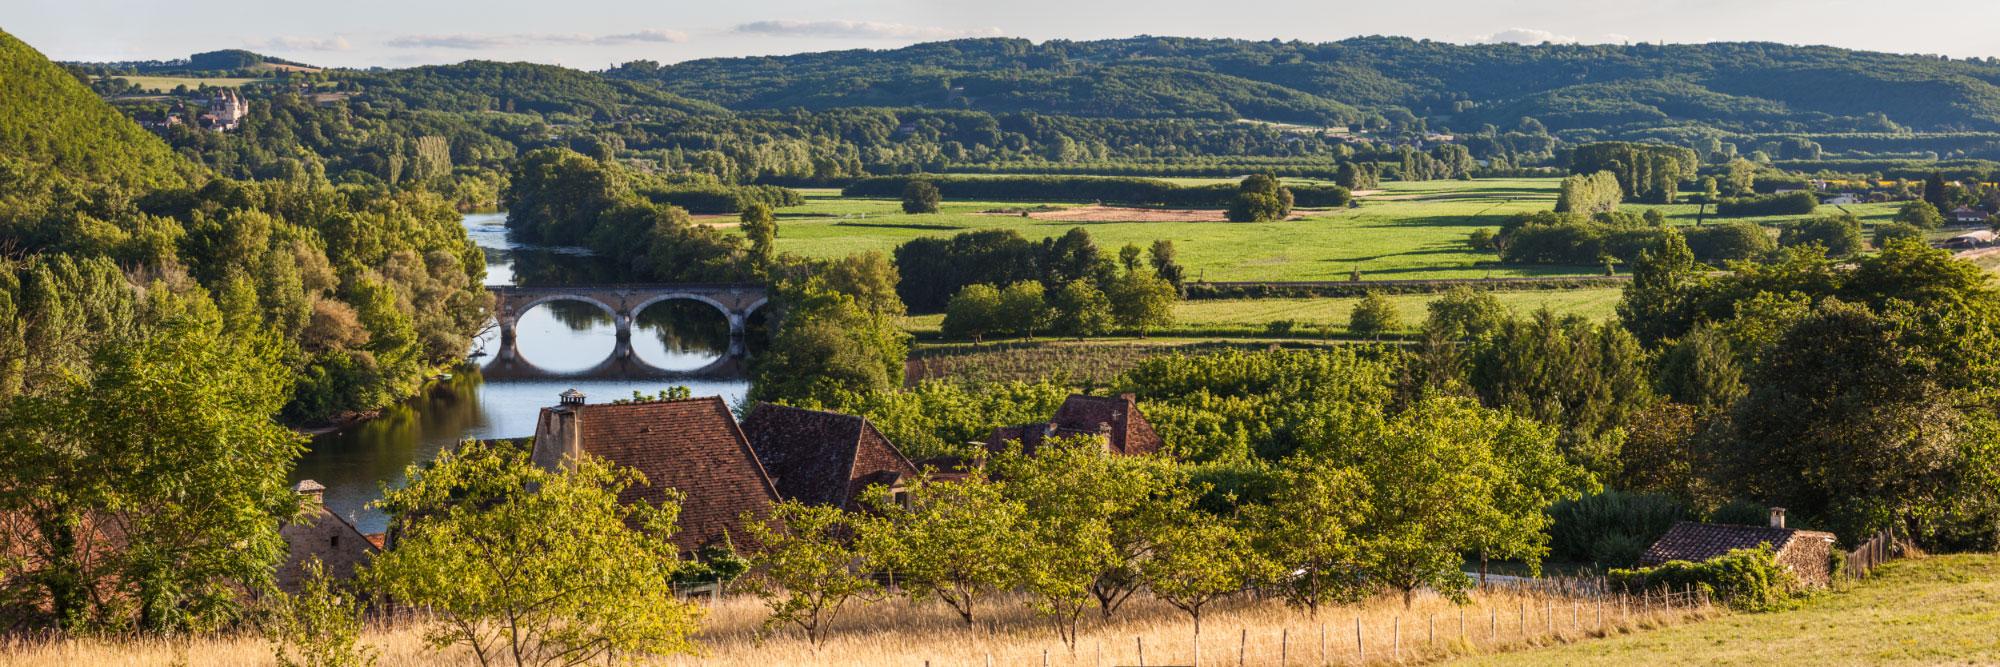 La Dordogne et le château des Milandes, du hameau 'Le Pech', Saint-Vincent-de-Cosse